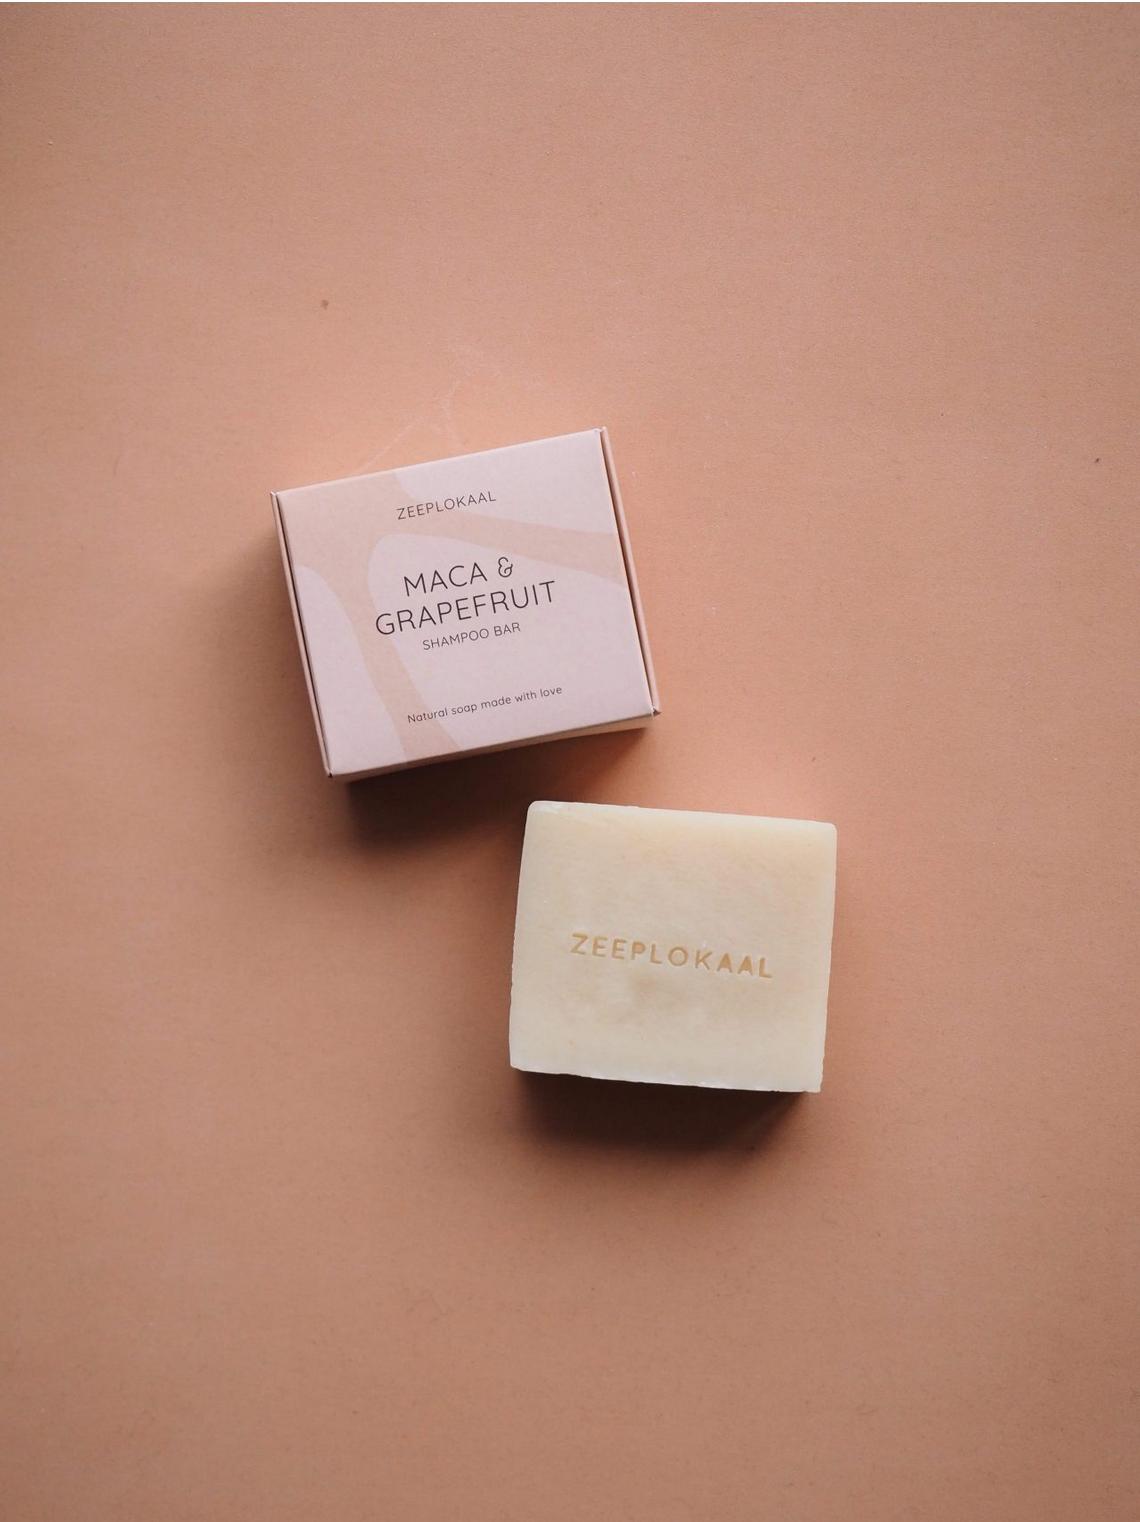 Shampoo Bar - Maca & Pompelmoes - Zeeplokaal-2